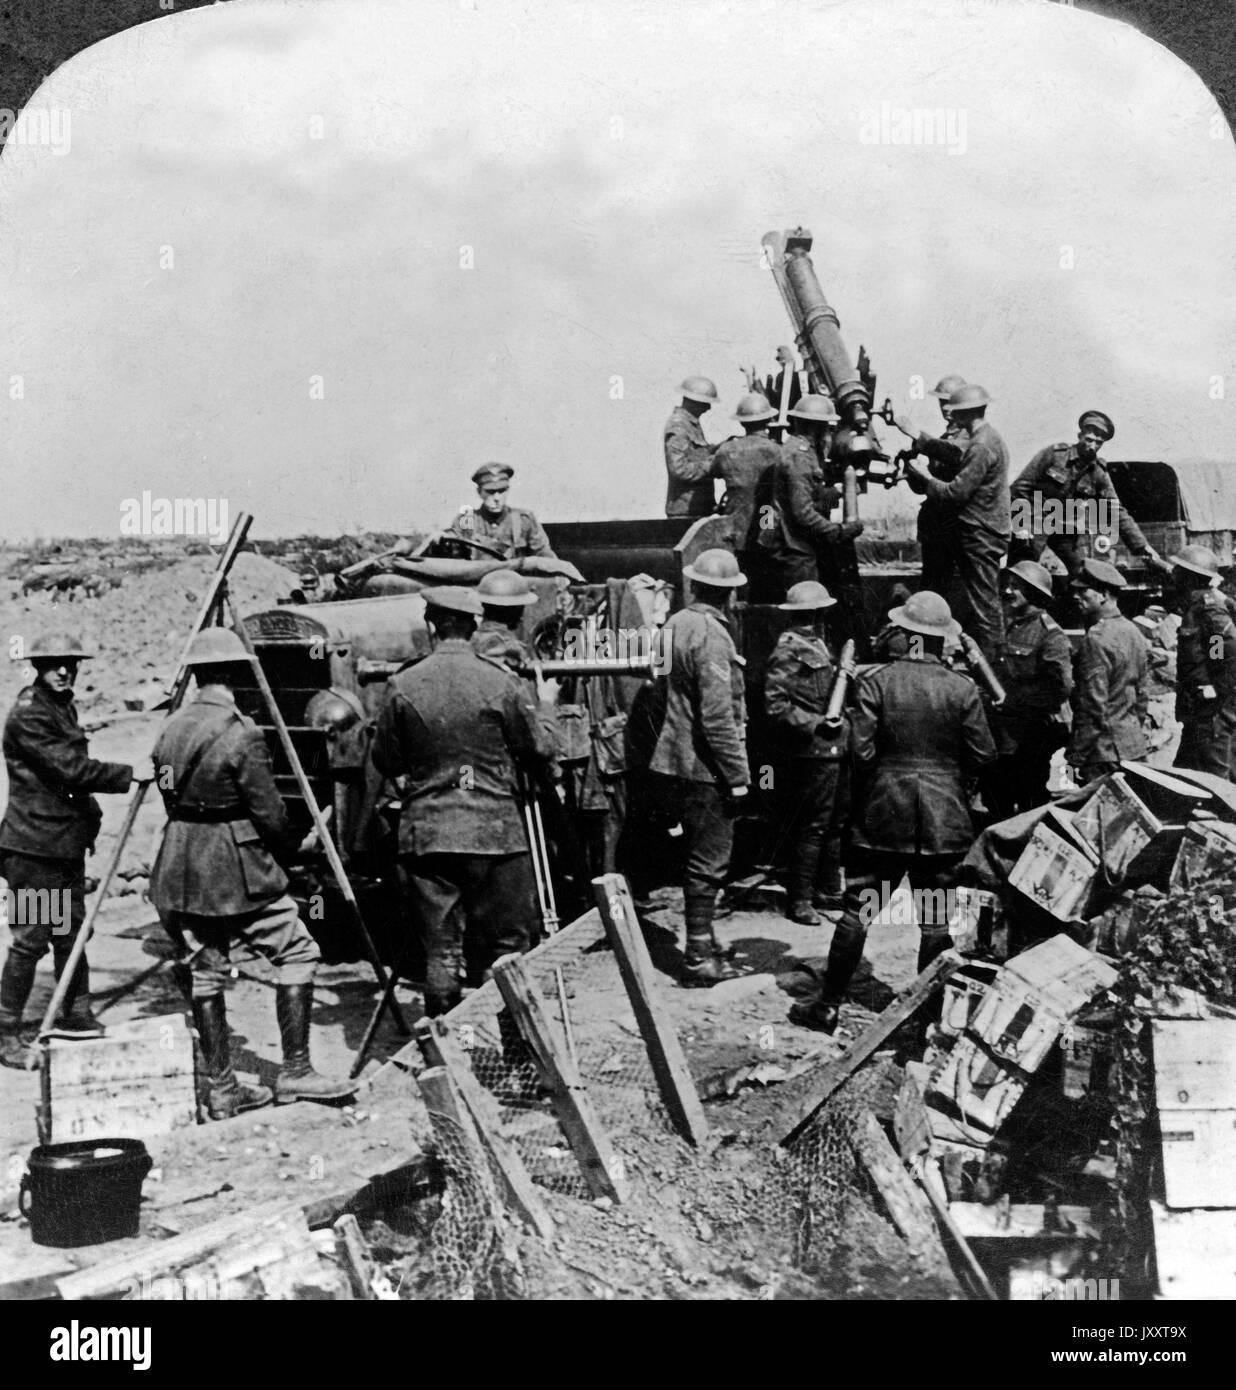 """Ein britisches Flugabwehrgeschütz in Aktion, 1917. A British """"Archie"""" anti aircraft gun in action, 1917. Stock Photo"""